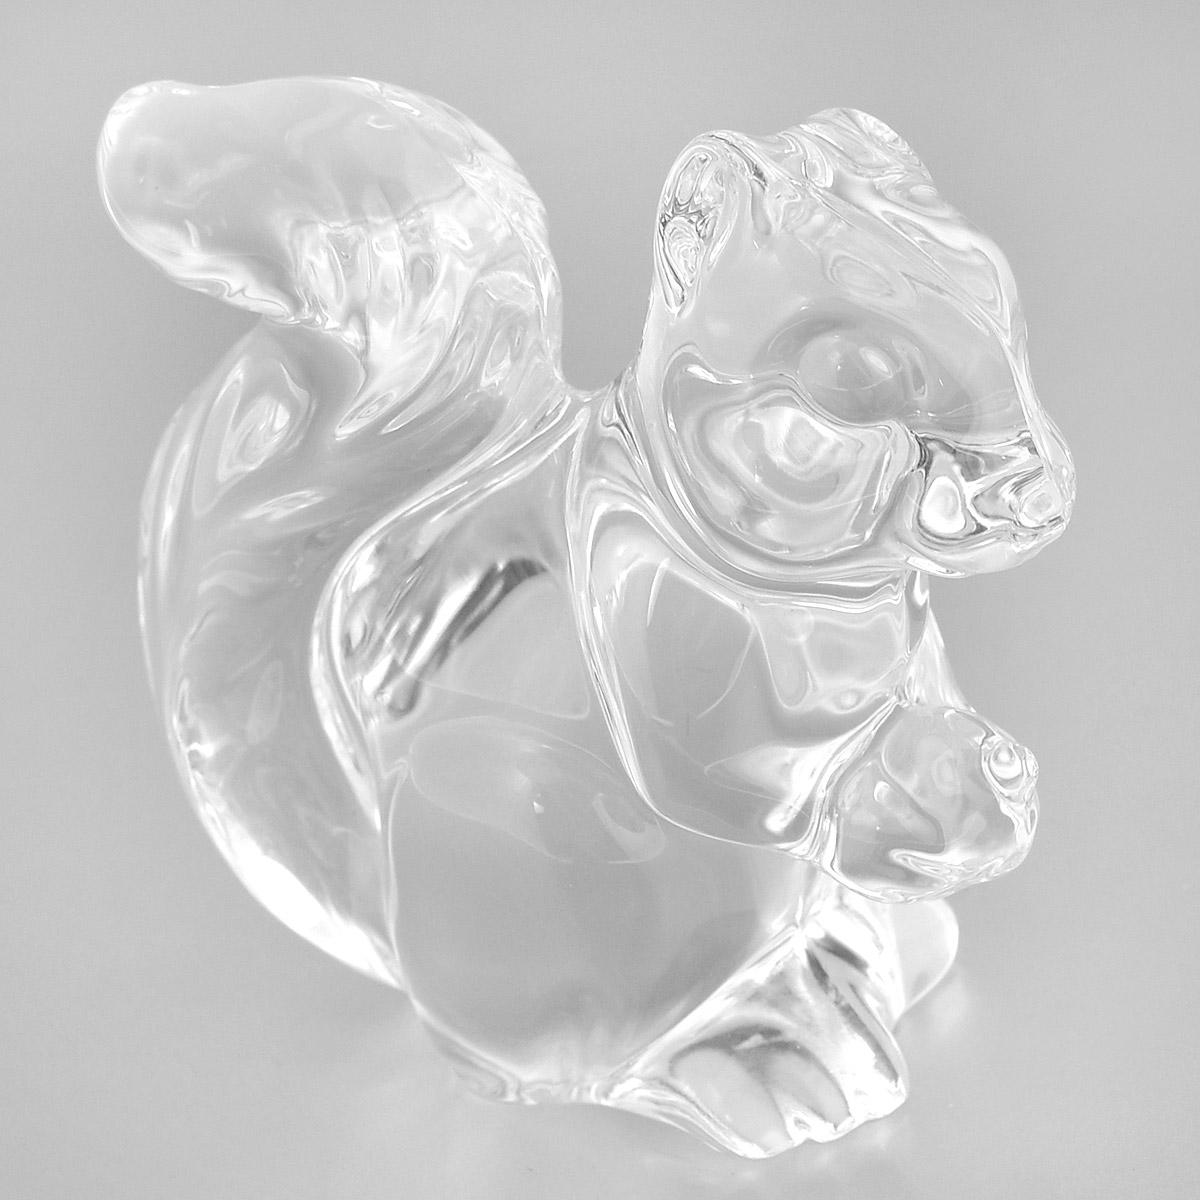 Фигурка декоративная Crystal Bohemia Белка, высота 8 см41619Фигурка Crystal Bohemia Белка изготовлена из высококачественного хрусталя. Фигурка выполнена в виде белки и сочетает в себе изысканный дизайн и лаконичность. Она прекрасно подойдет для декора интерьера дома или офиса и станет достойным дополнением к вашей коллекции. Вы можете поставить фигурку в любом месте, где она будет удачно смотреться и радовать глаз. Кроме того - это отличный вариант подарка для ваших близких и друзей. Высота: 8 см.